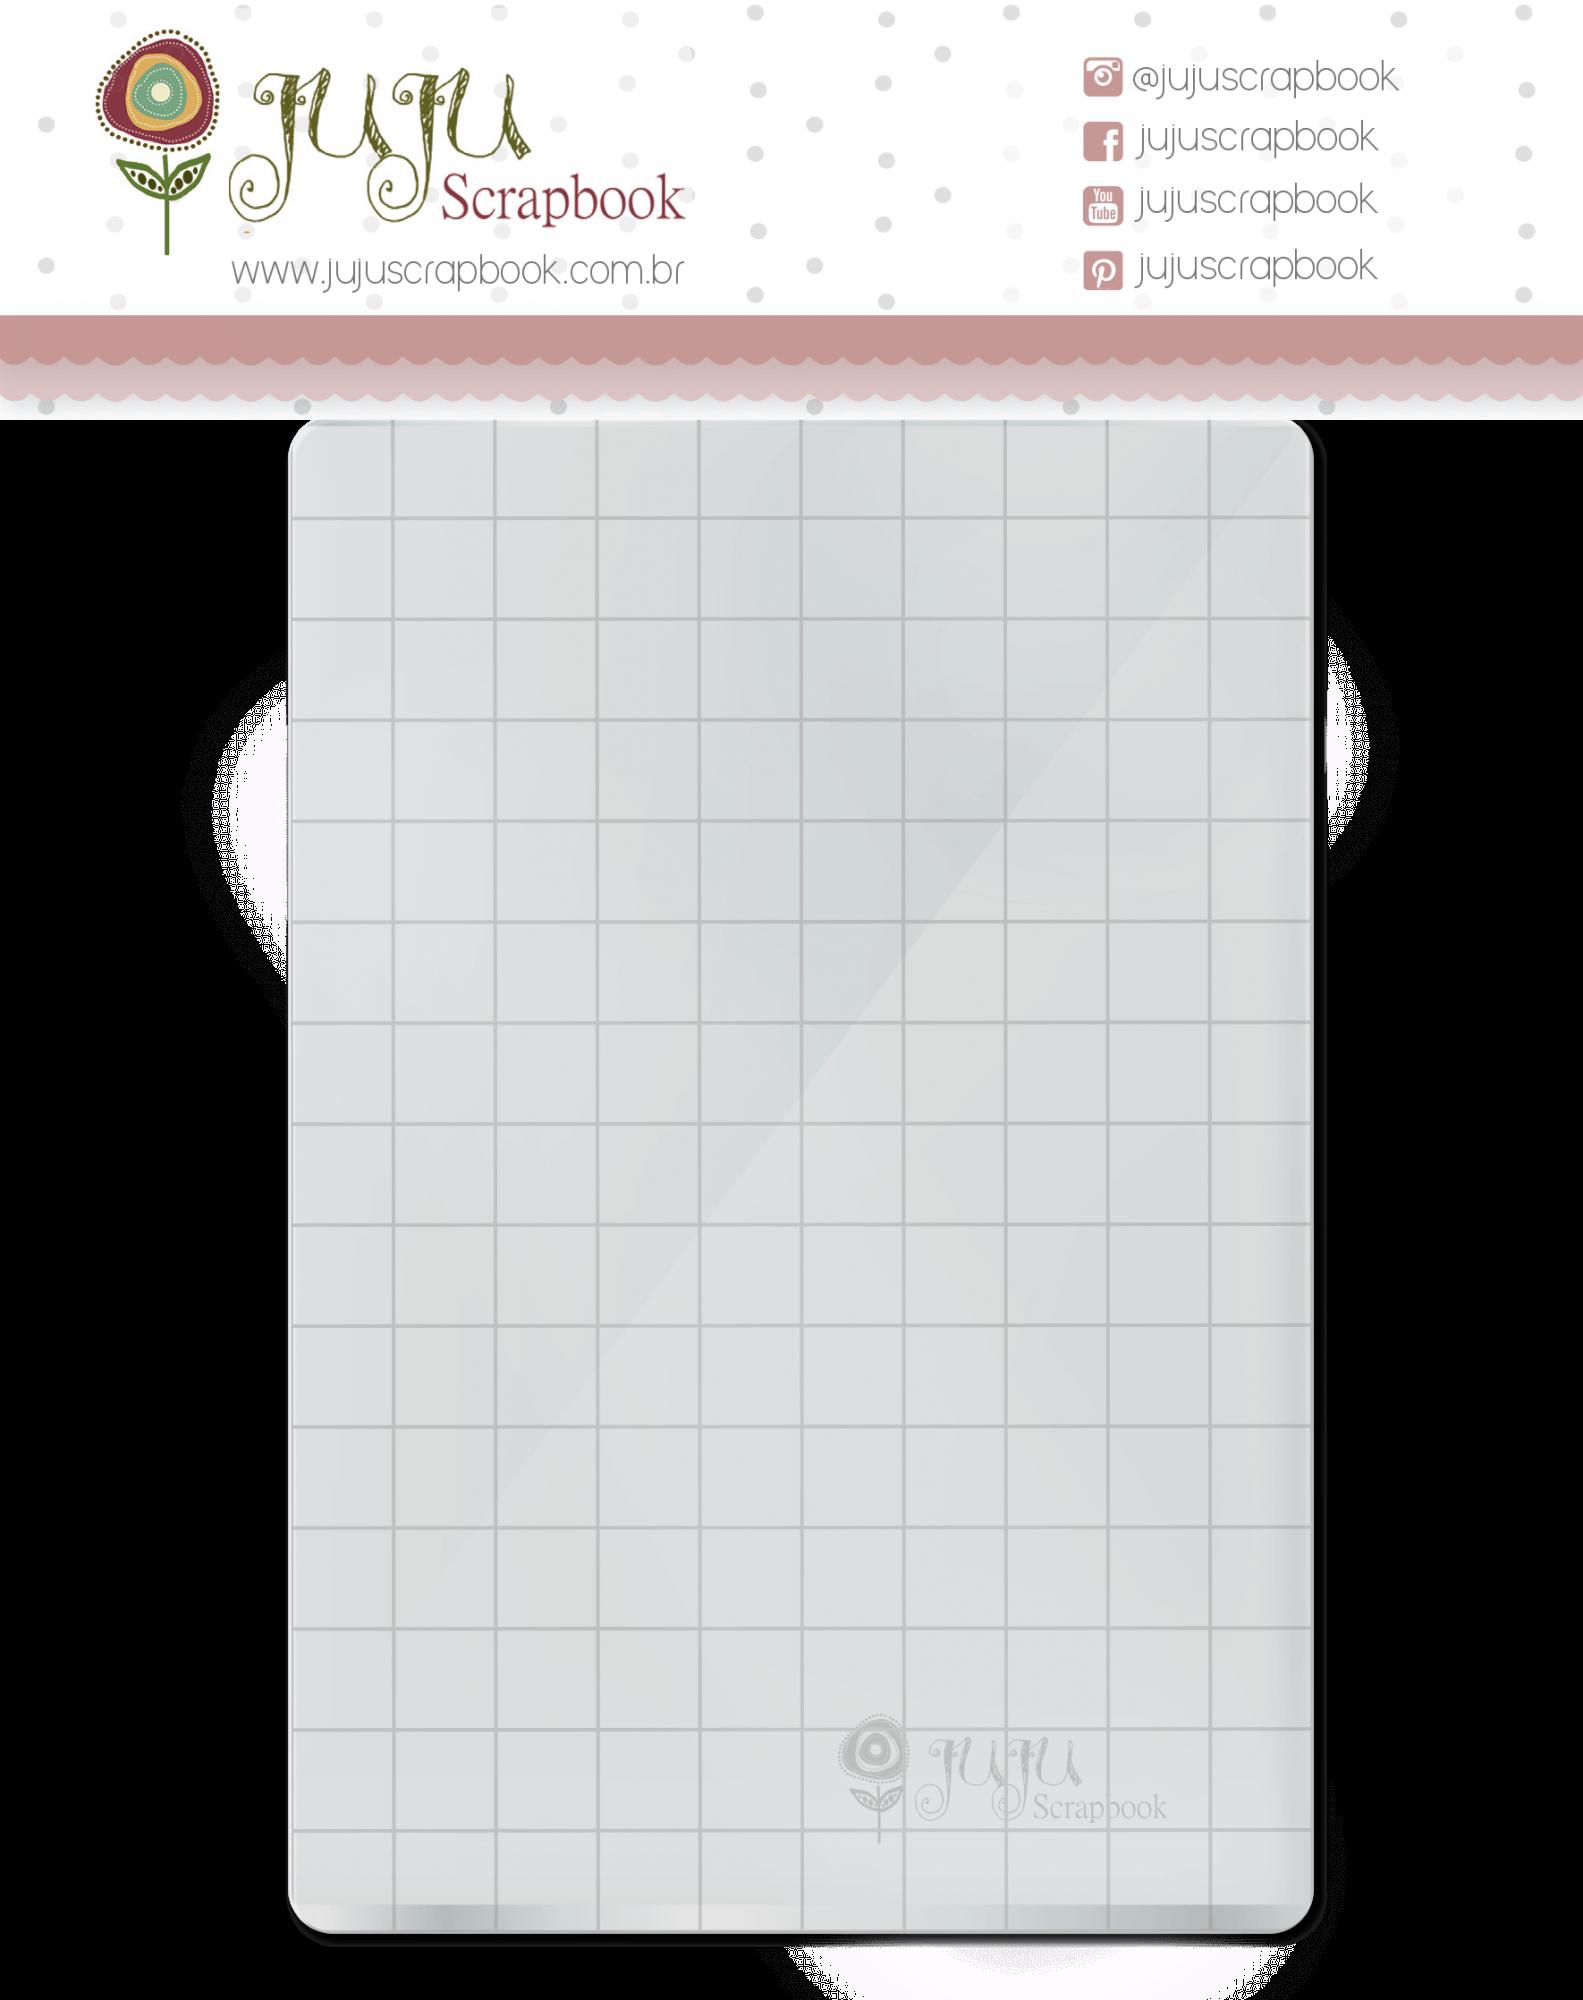 Base acrílica para carimbo - 10 cm x 15 cm  - JuJu Scrapbook